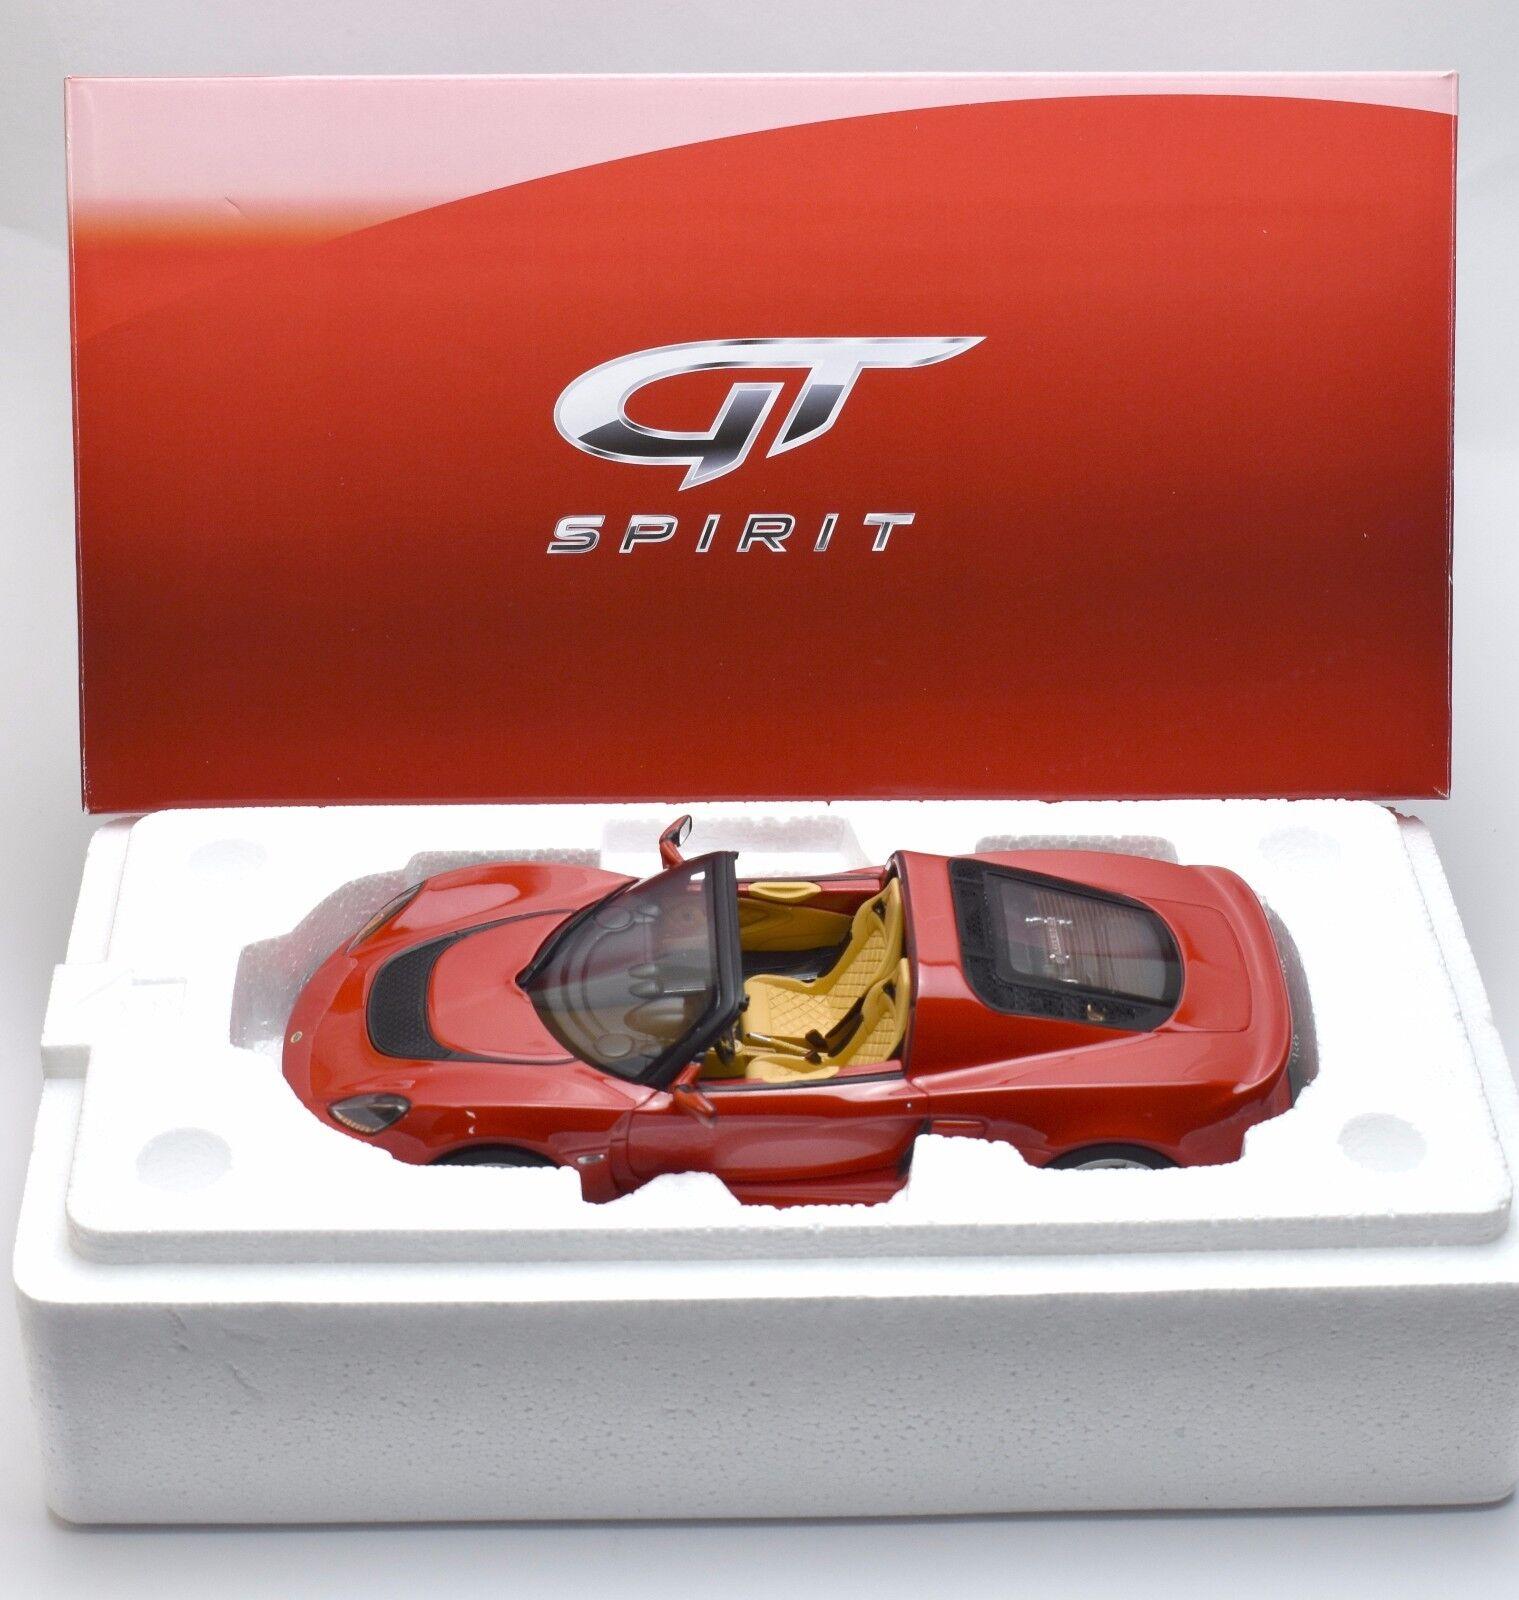 GT Spirit Lotus Exige S3 Roadster Sportwagen GT043 Bj.2012 , 1 18, OVP, K028  | Deutschland Shop